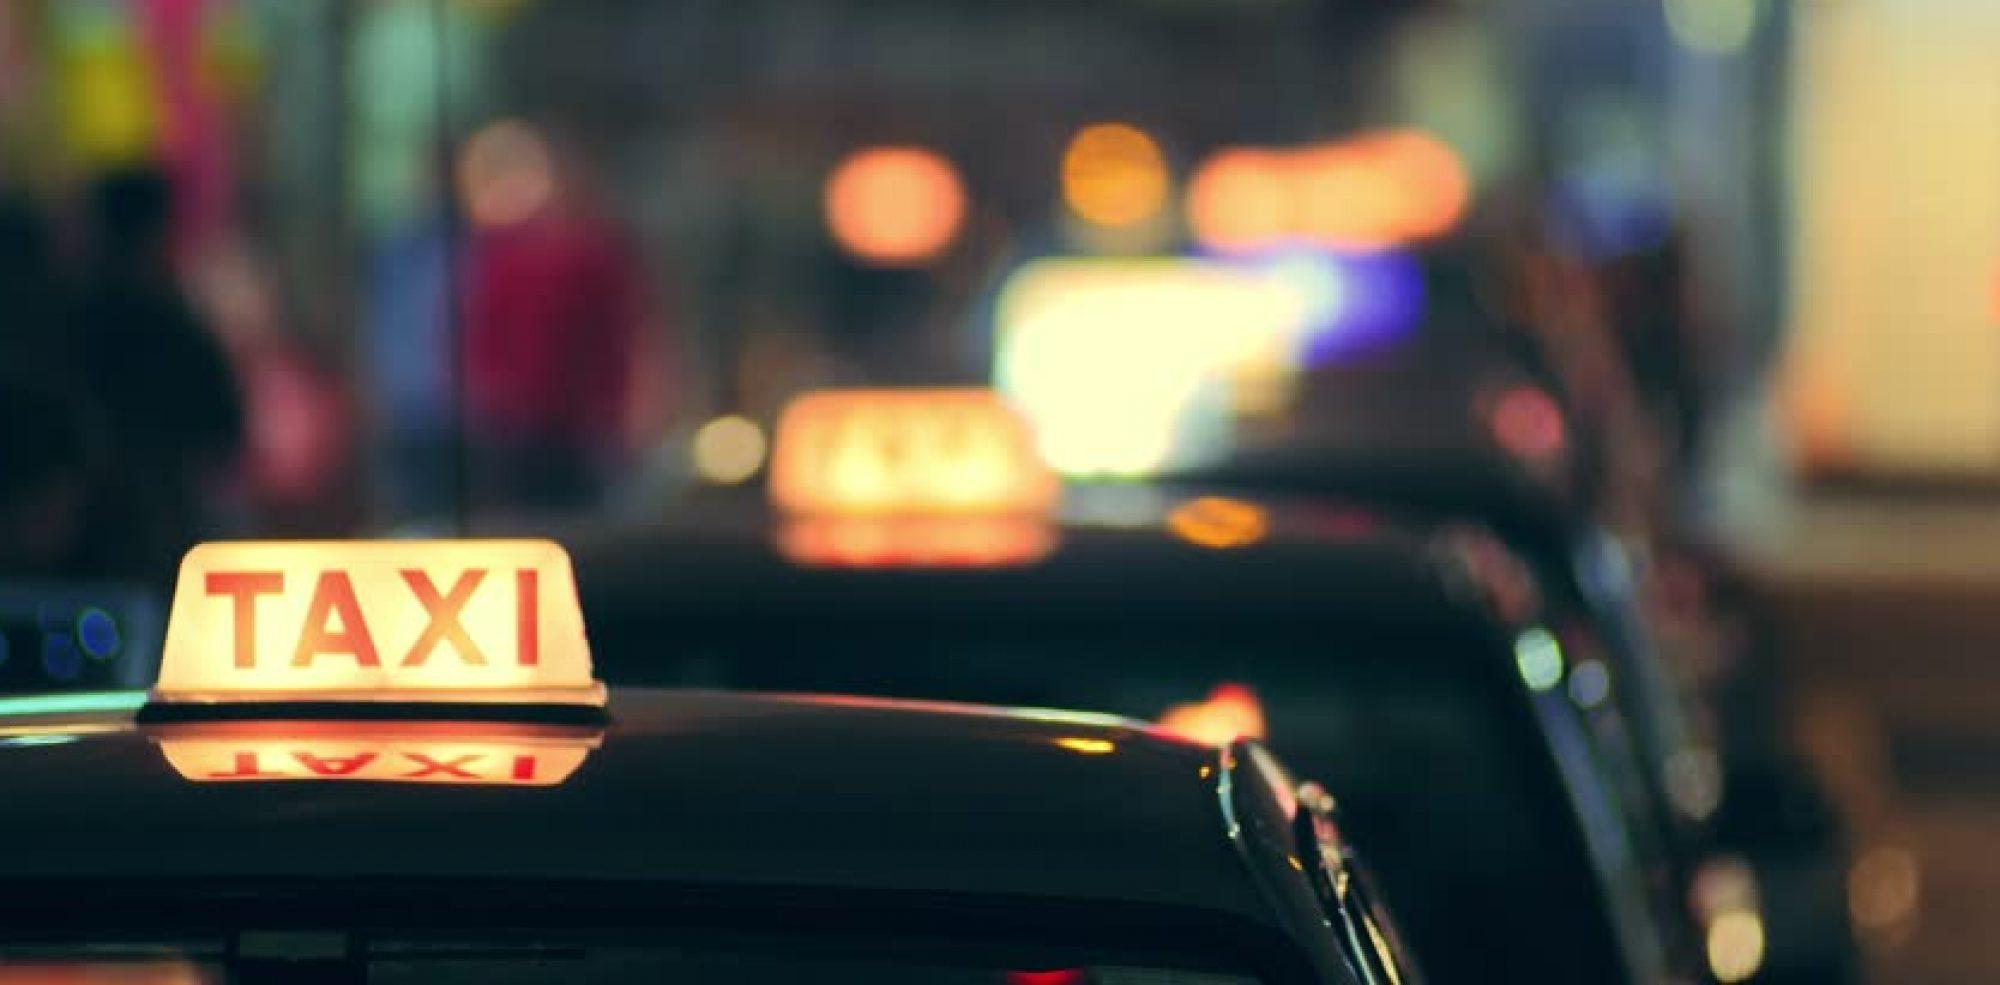 Taxi Senec